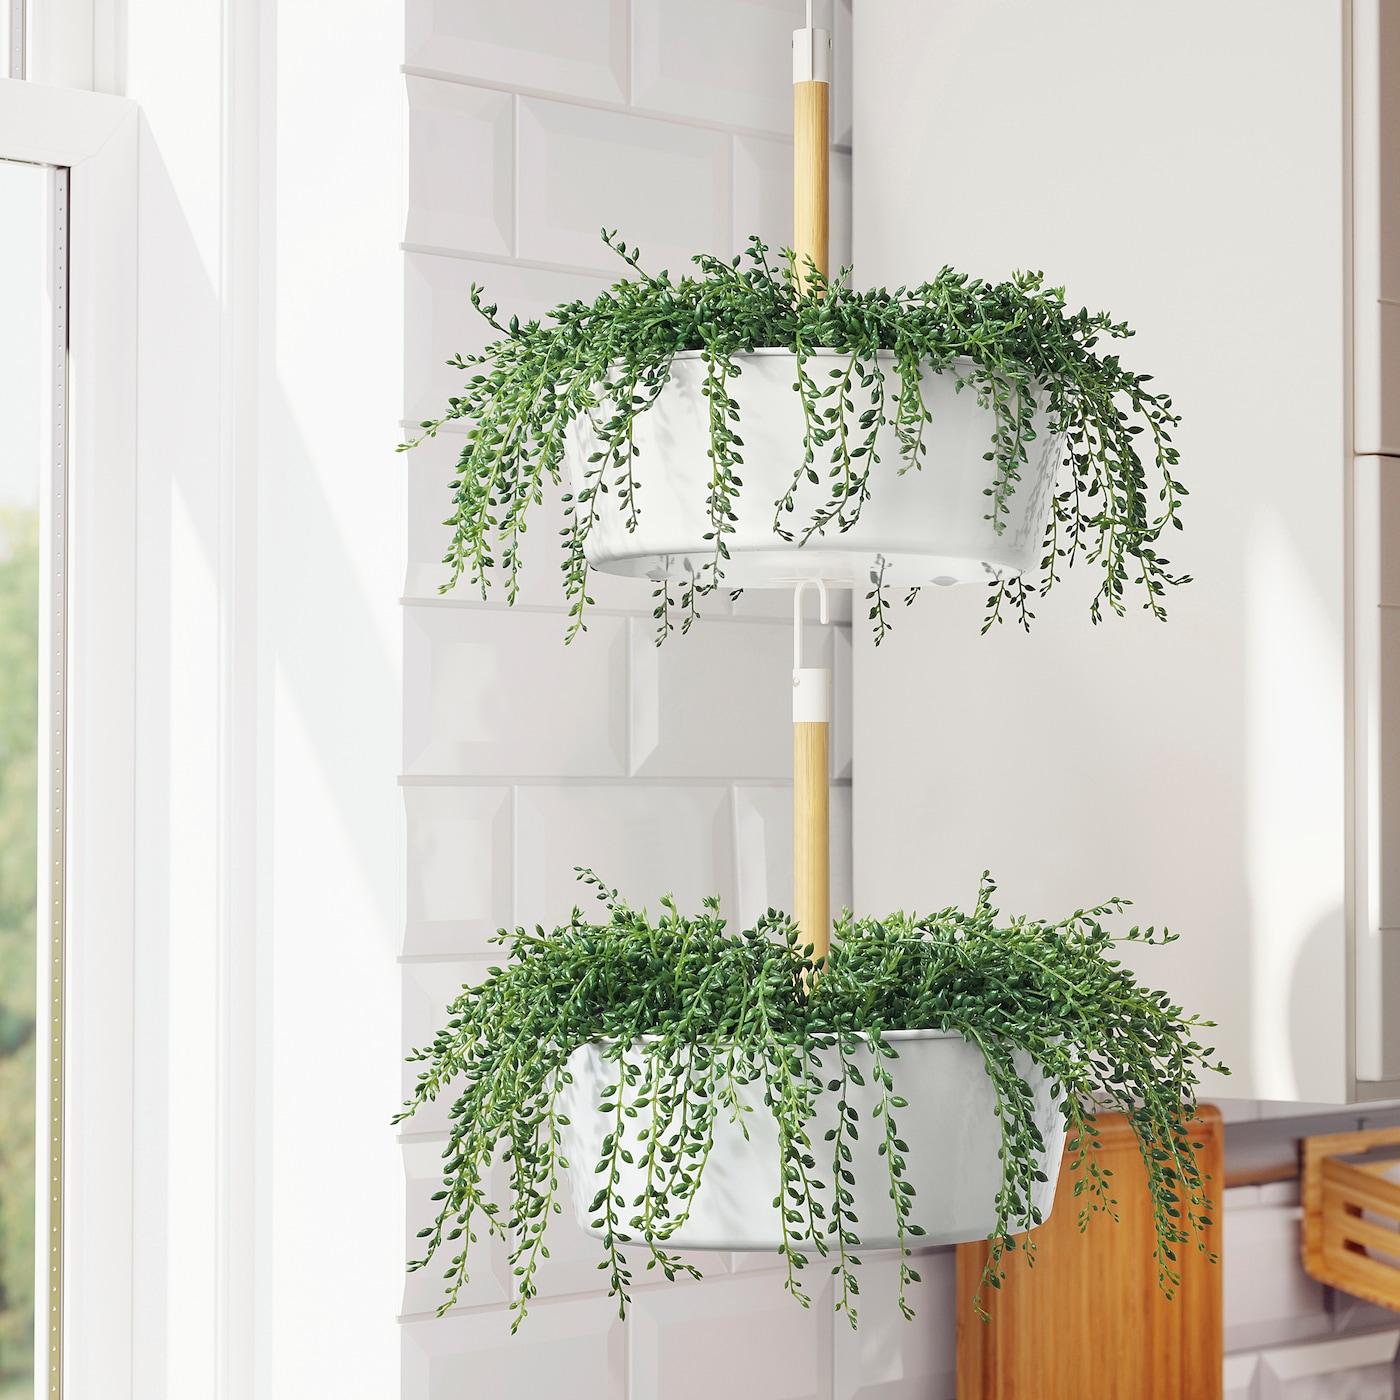 Jardinière À Suspendre Ikea bittergurka jardinière suspendue - blanc